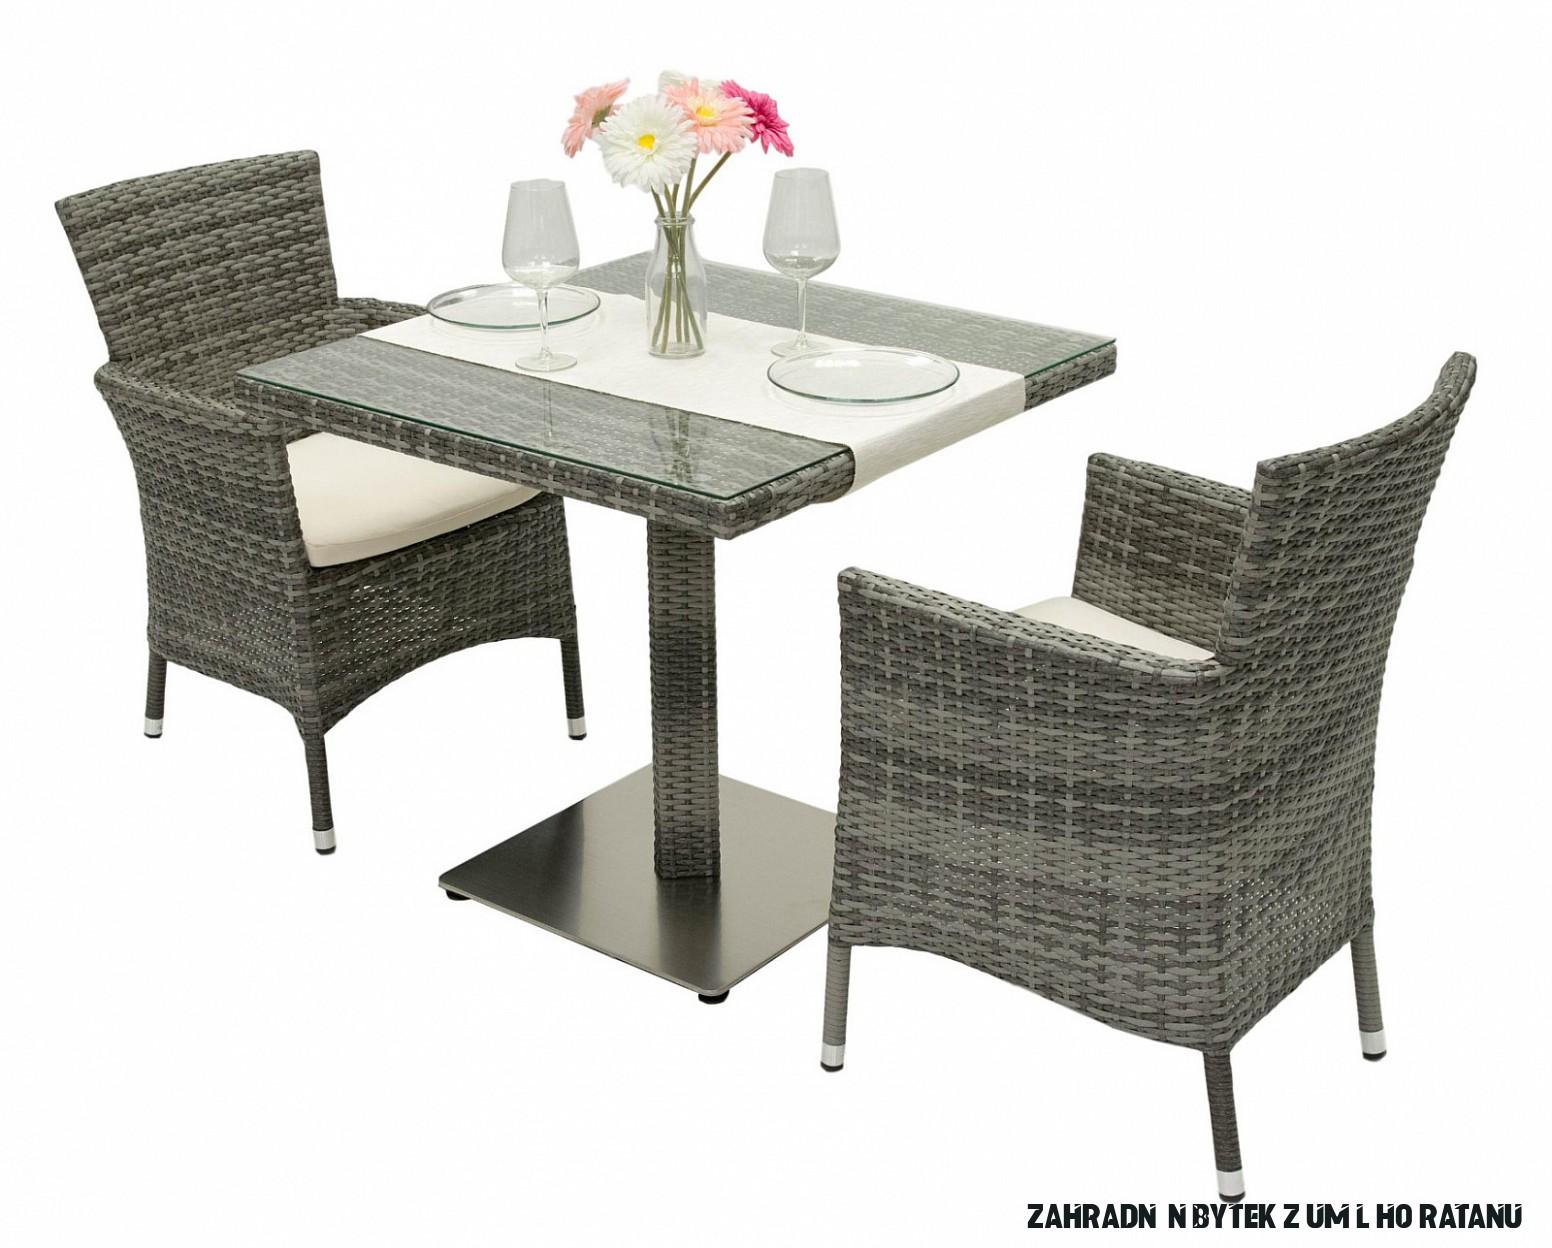 Podzimní tipy na umělý ratanový nábytek na terasu  E